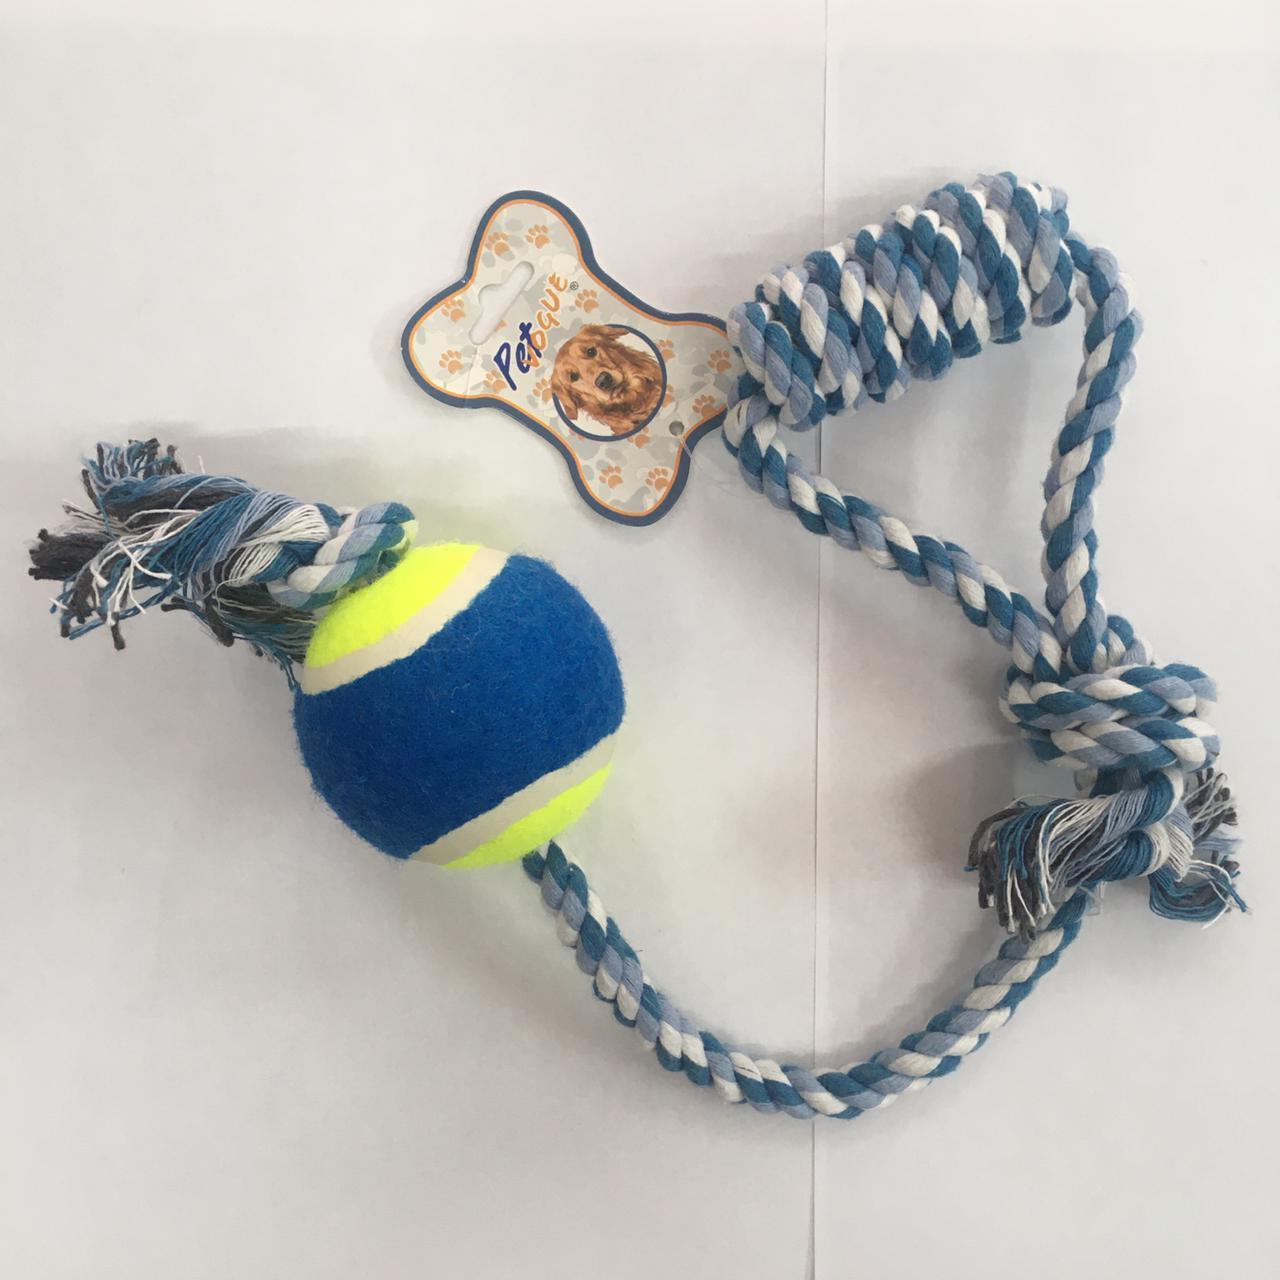 Brinquedo Mordedor Corda com bola na ponta para Cães